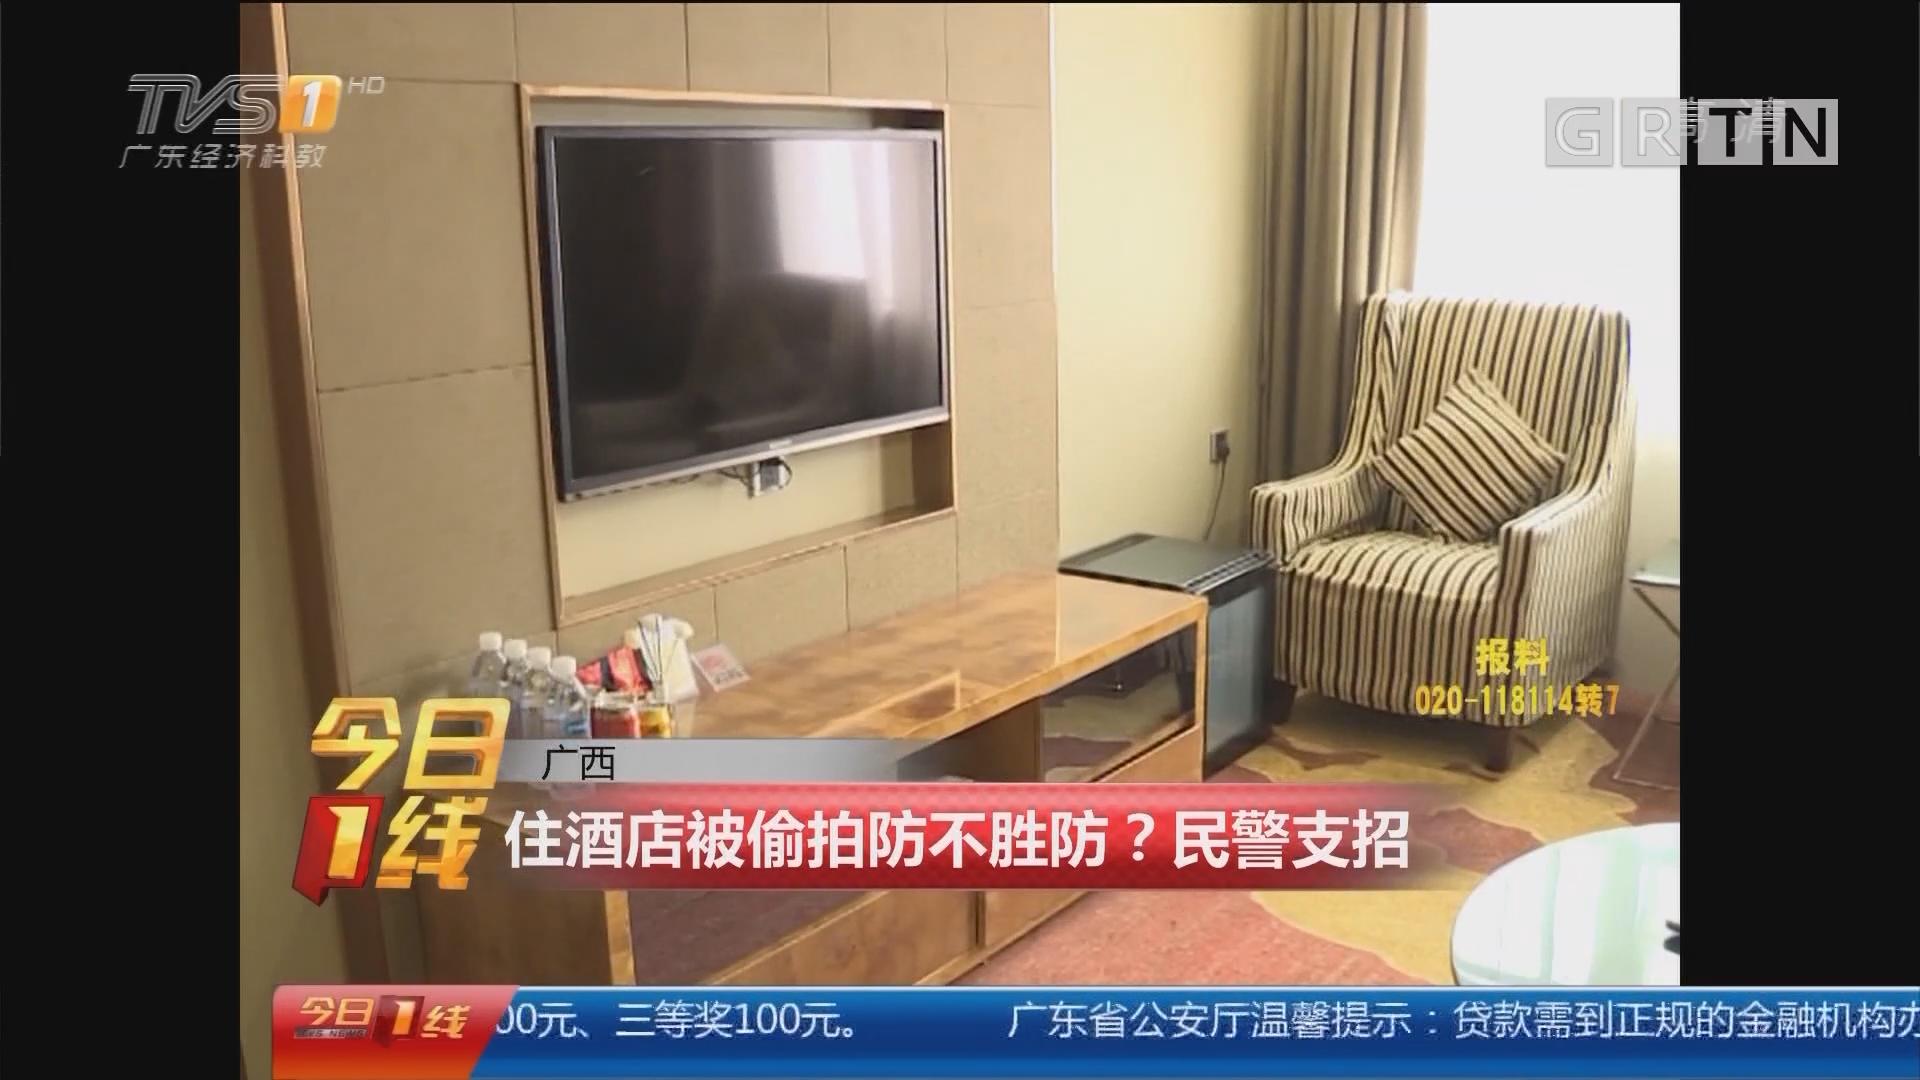 广西:住酒店被偷拍防不胜防?民警支招